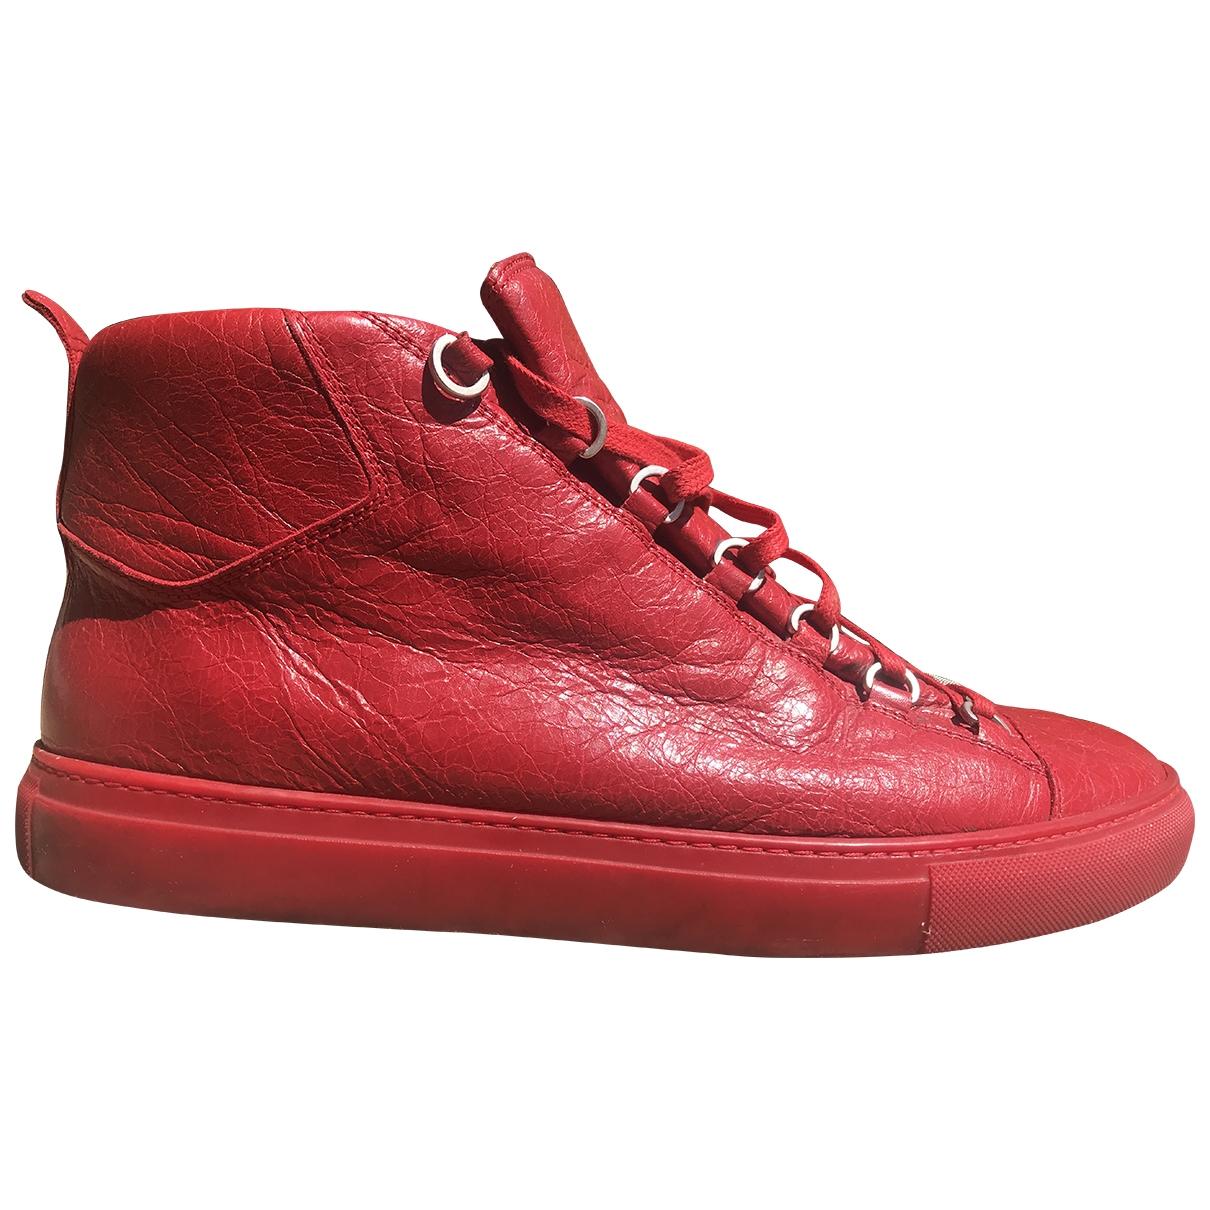 Balenciaga - Baskets Arena pour homme en cuir - rouge